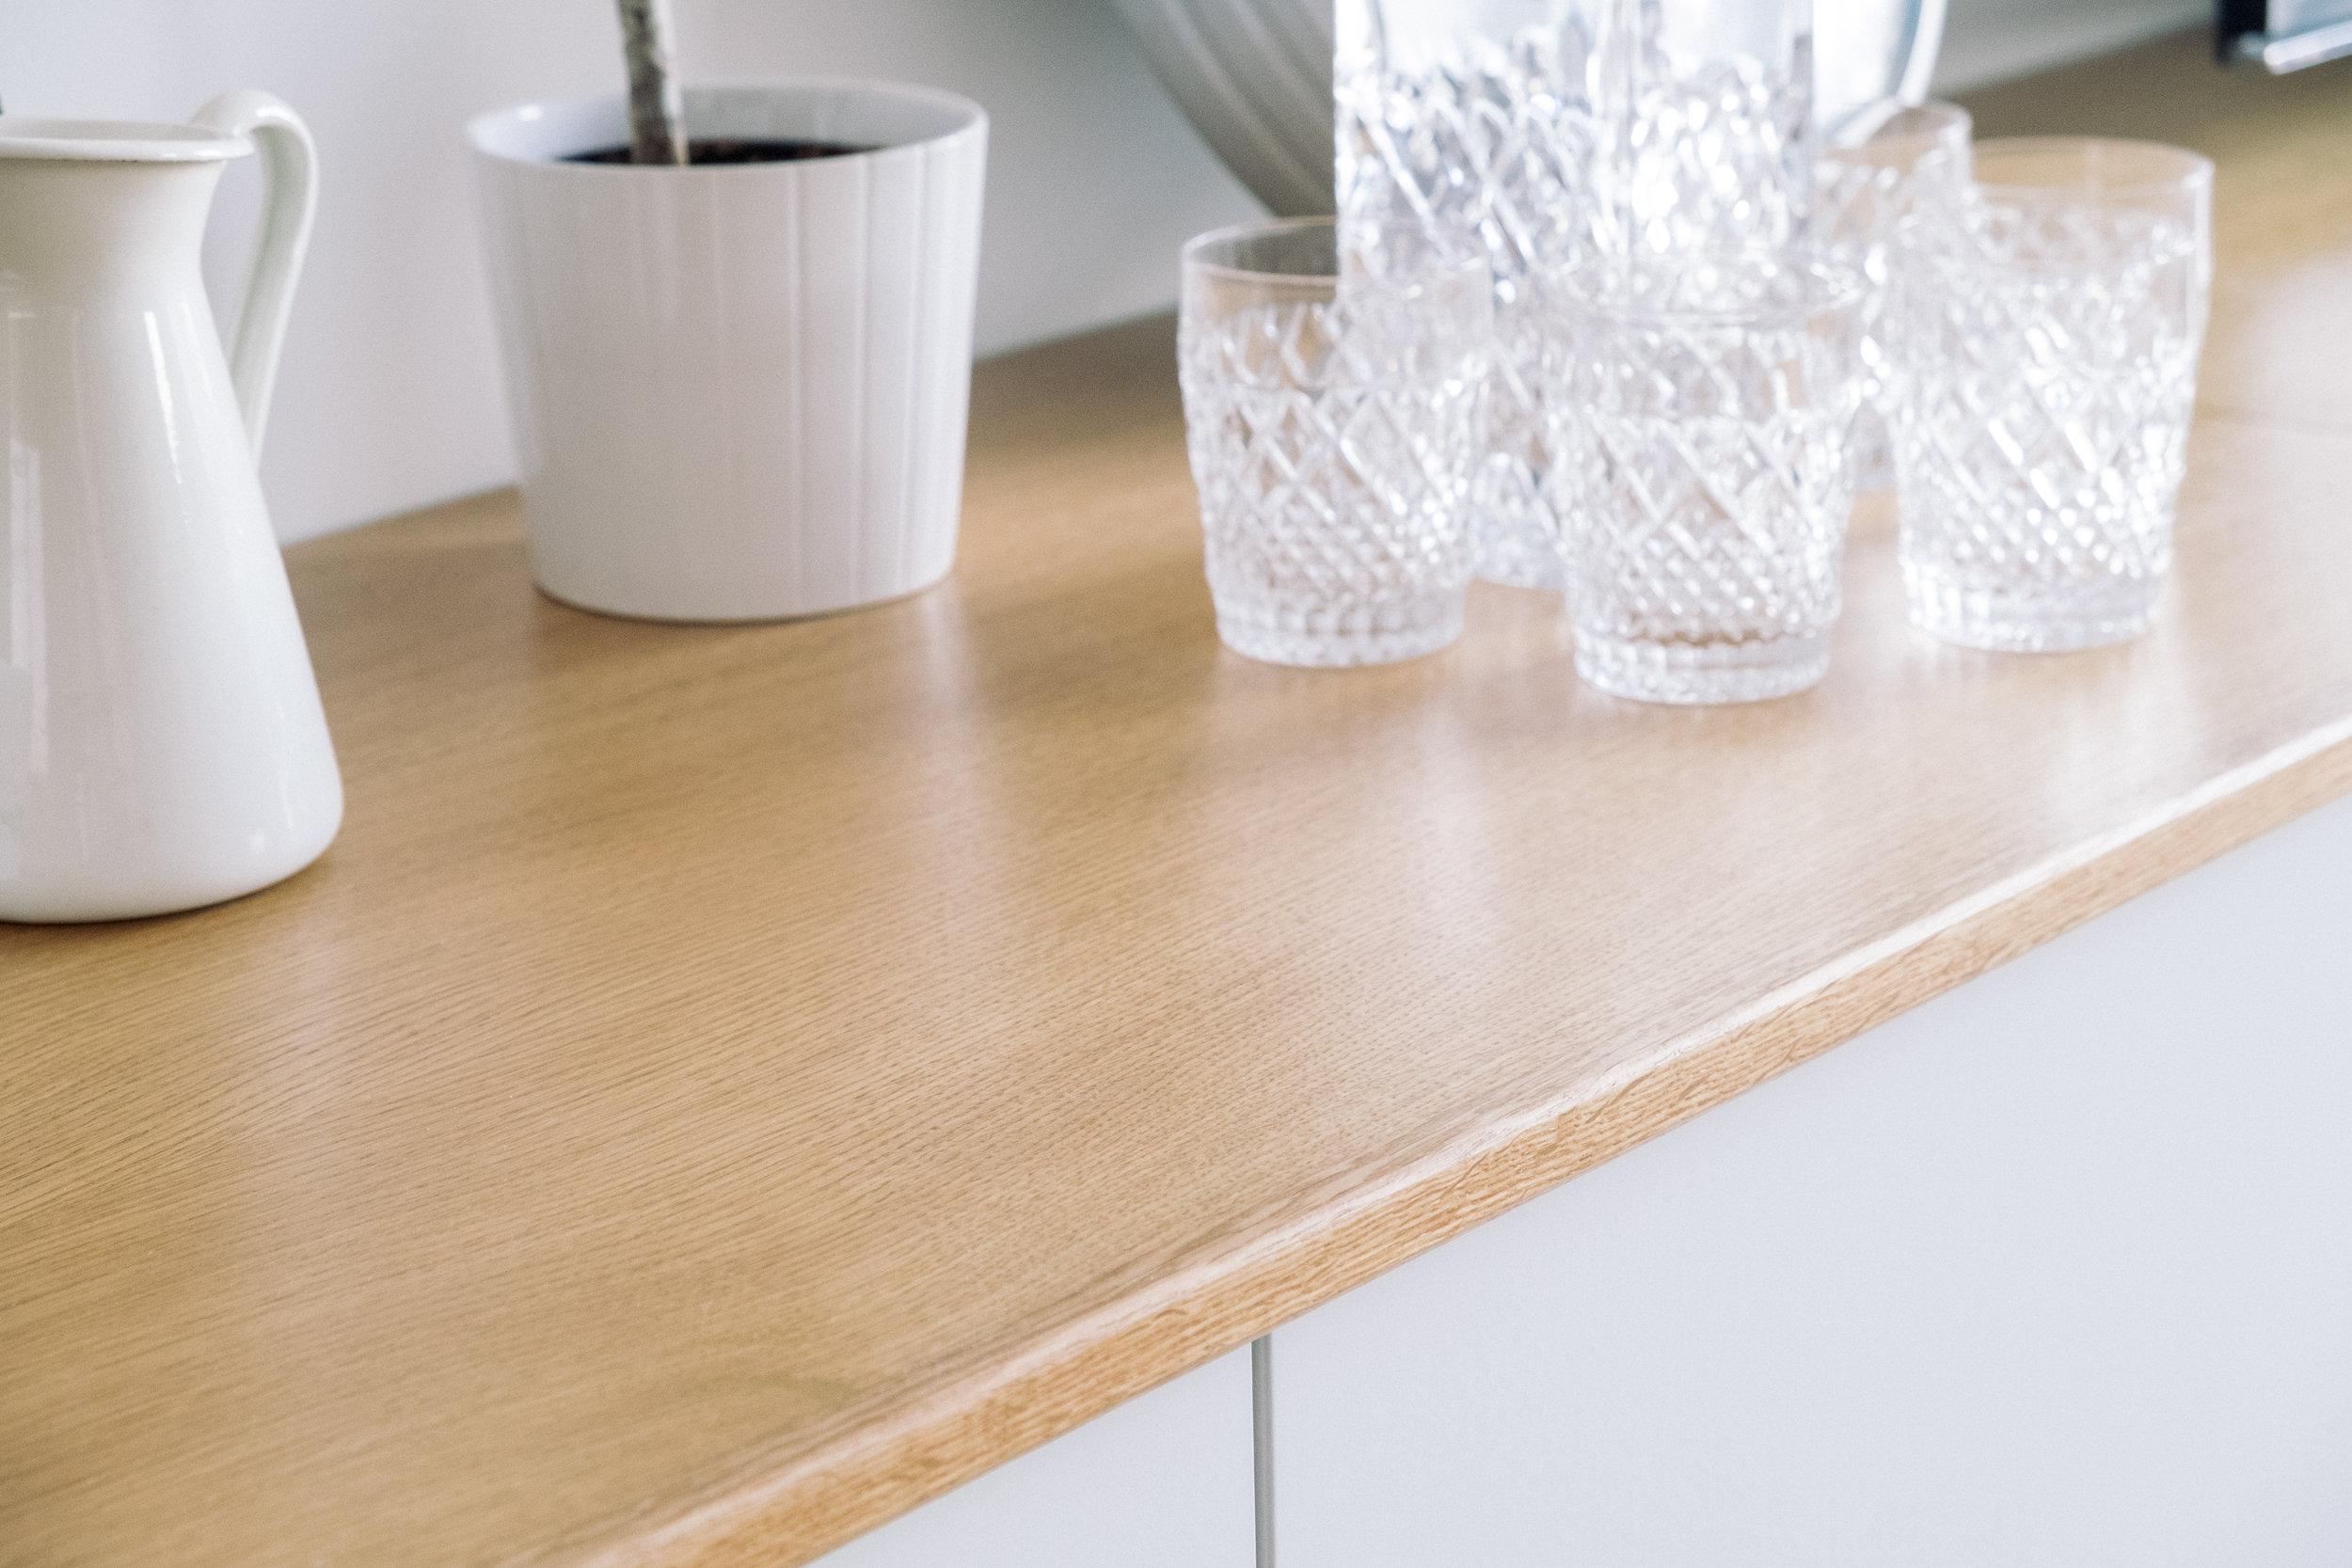 La madera de roble y el color blanco son las dos texturas que se combinan en toda la vivienda.